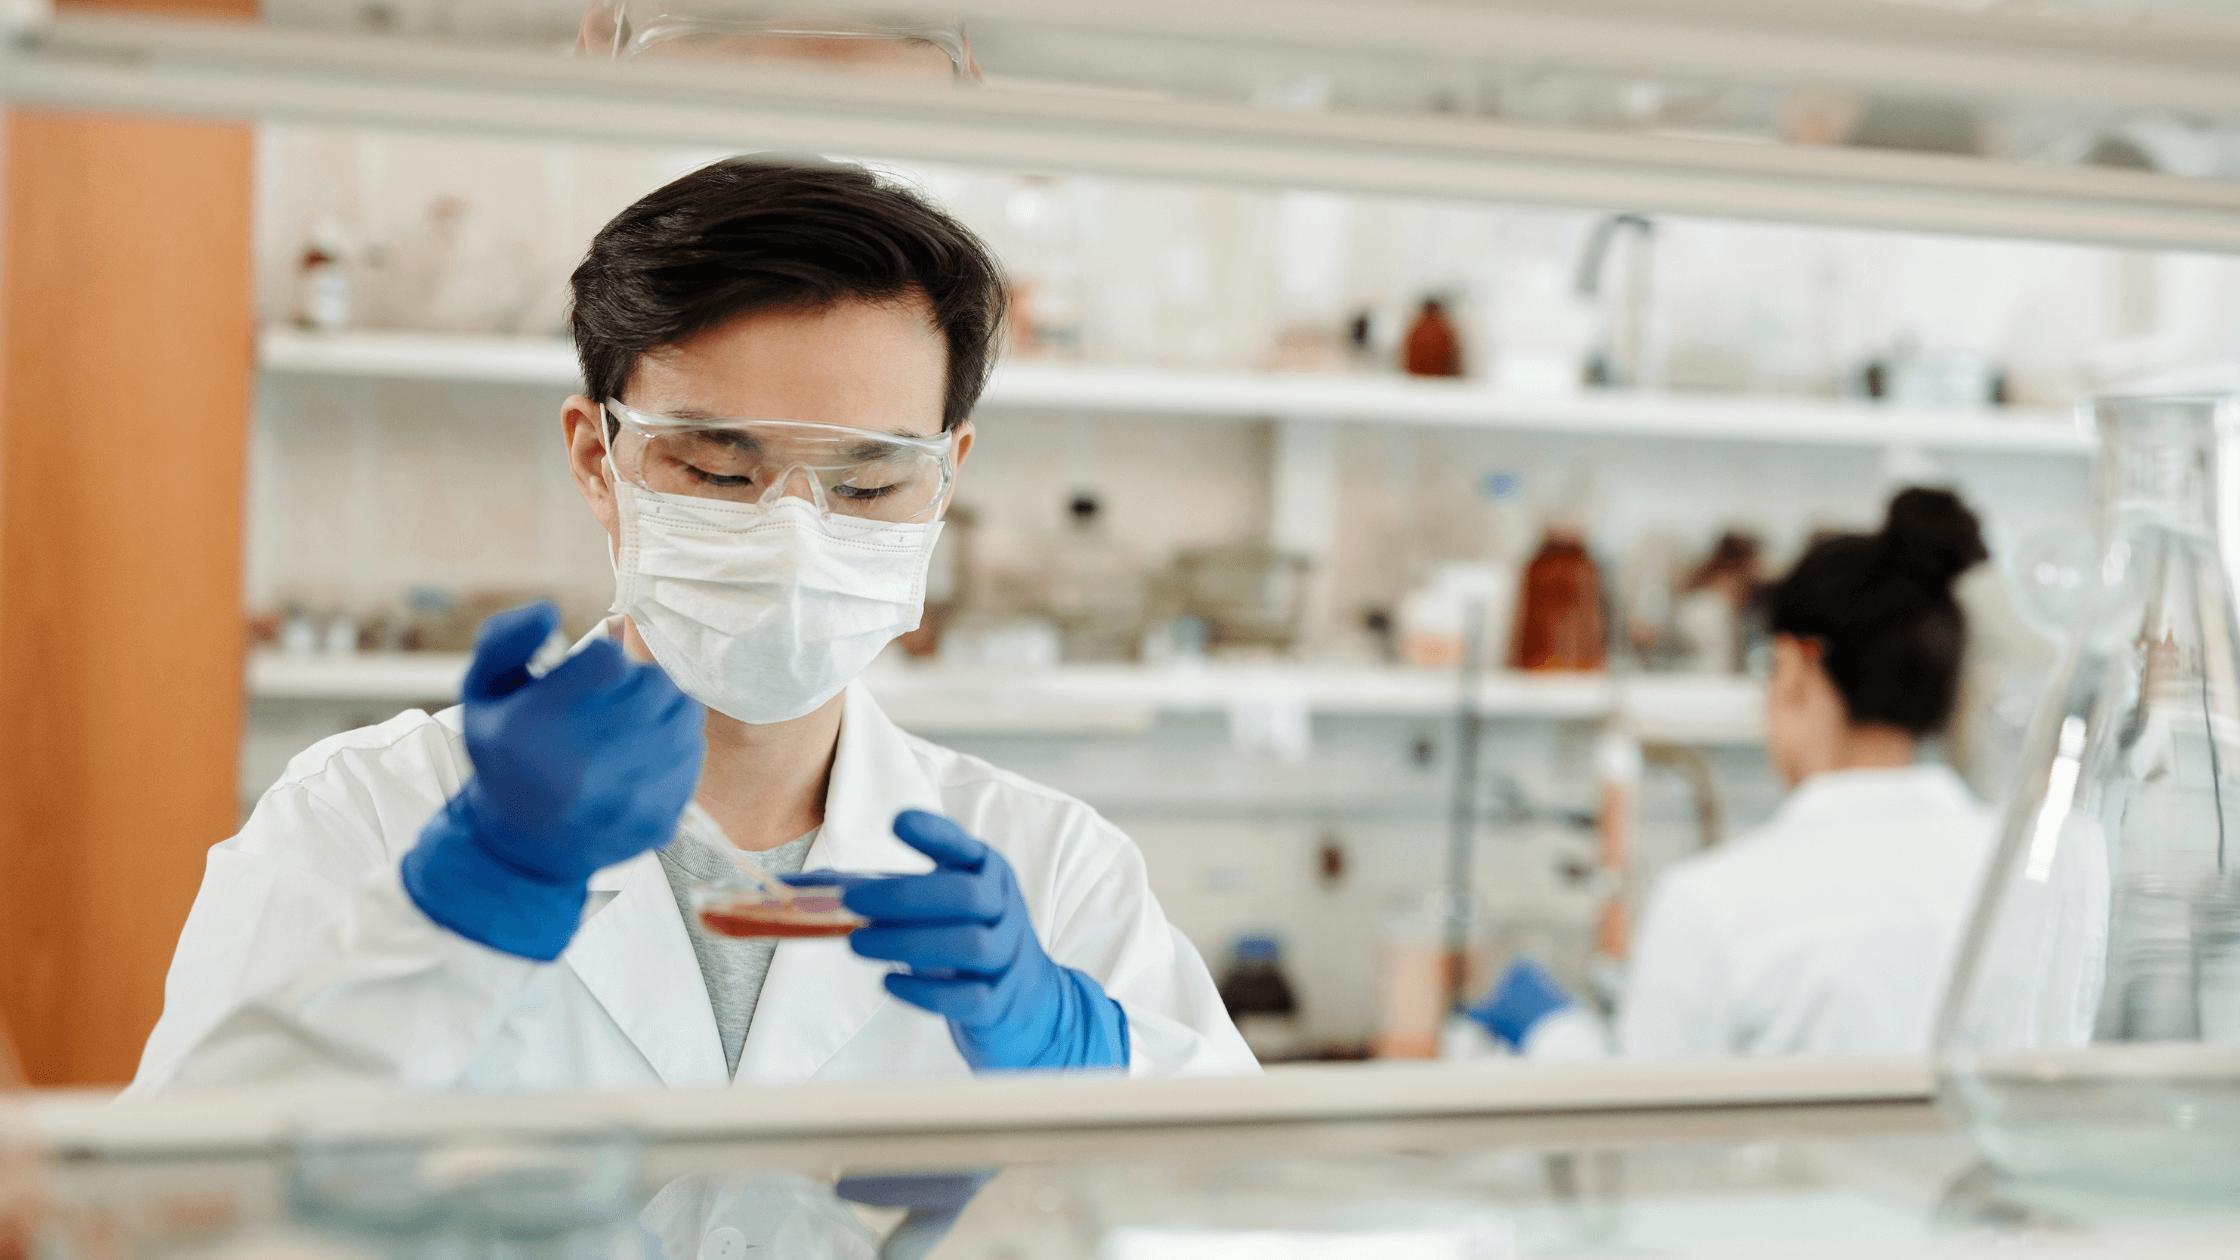 Microbiologia: uma área de grande destaque na pandemia